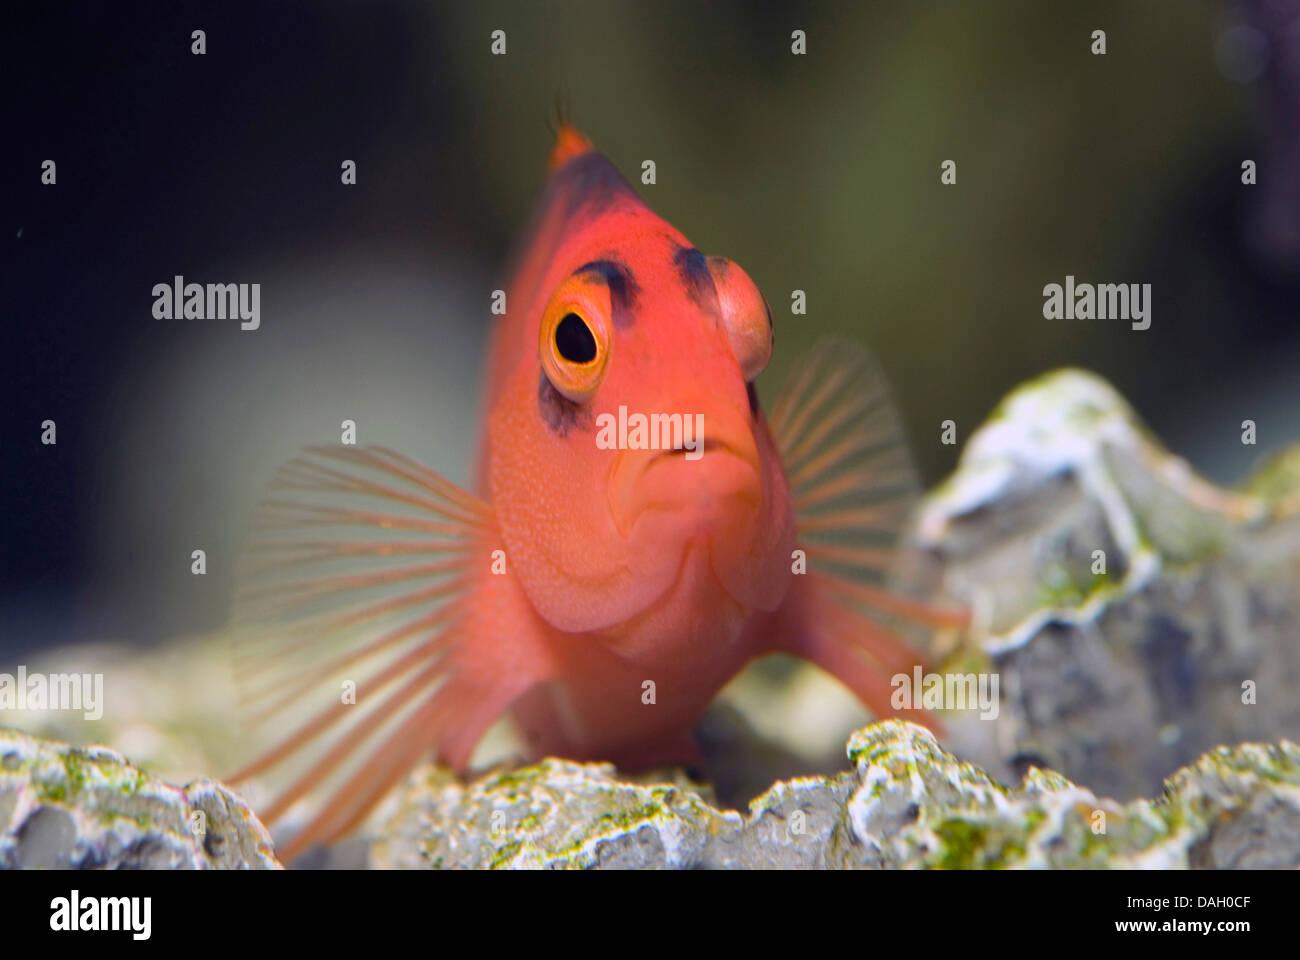 Flamme Hawkfish, brillante rote Hawkfish (Neocirrhites Armatus), auf der Unterseite eines Aquariums Stockbild